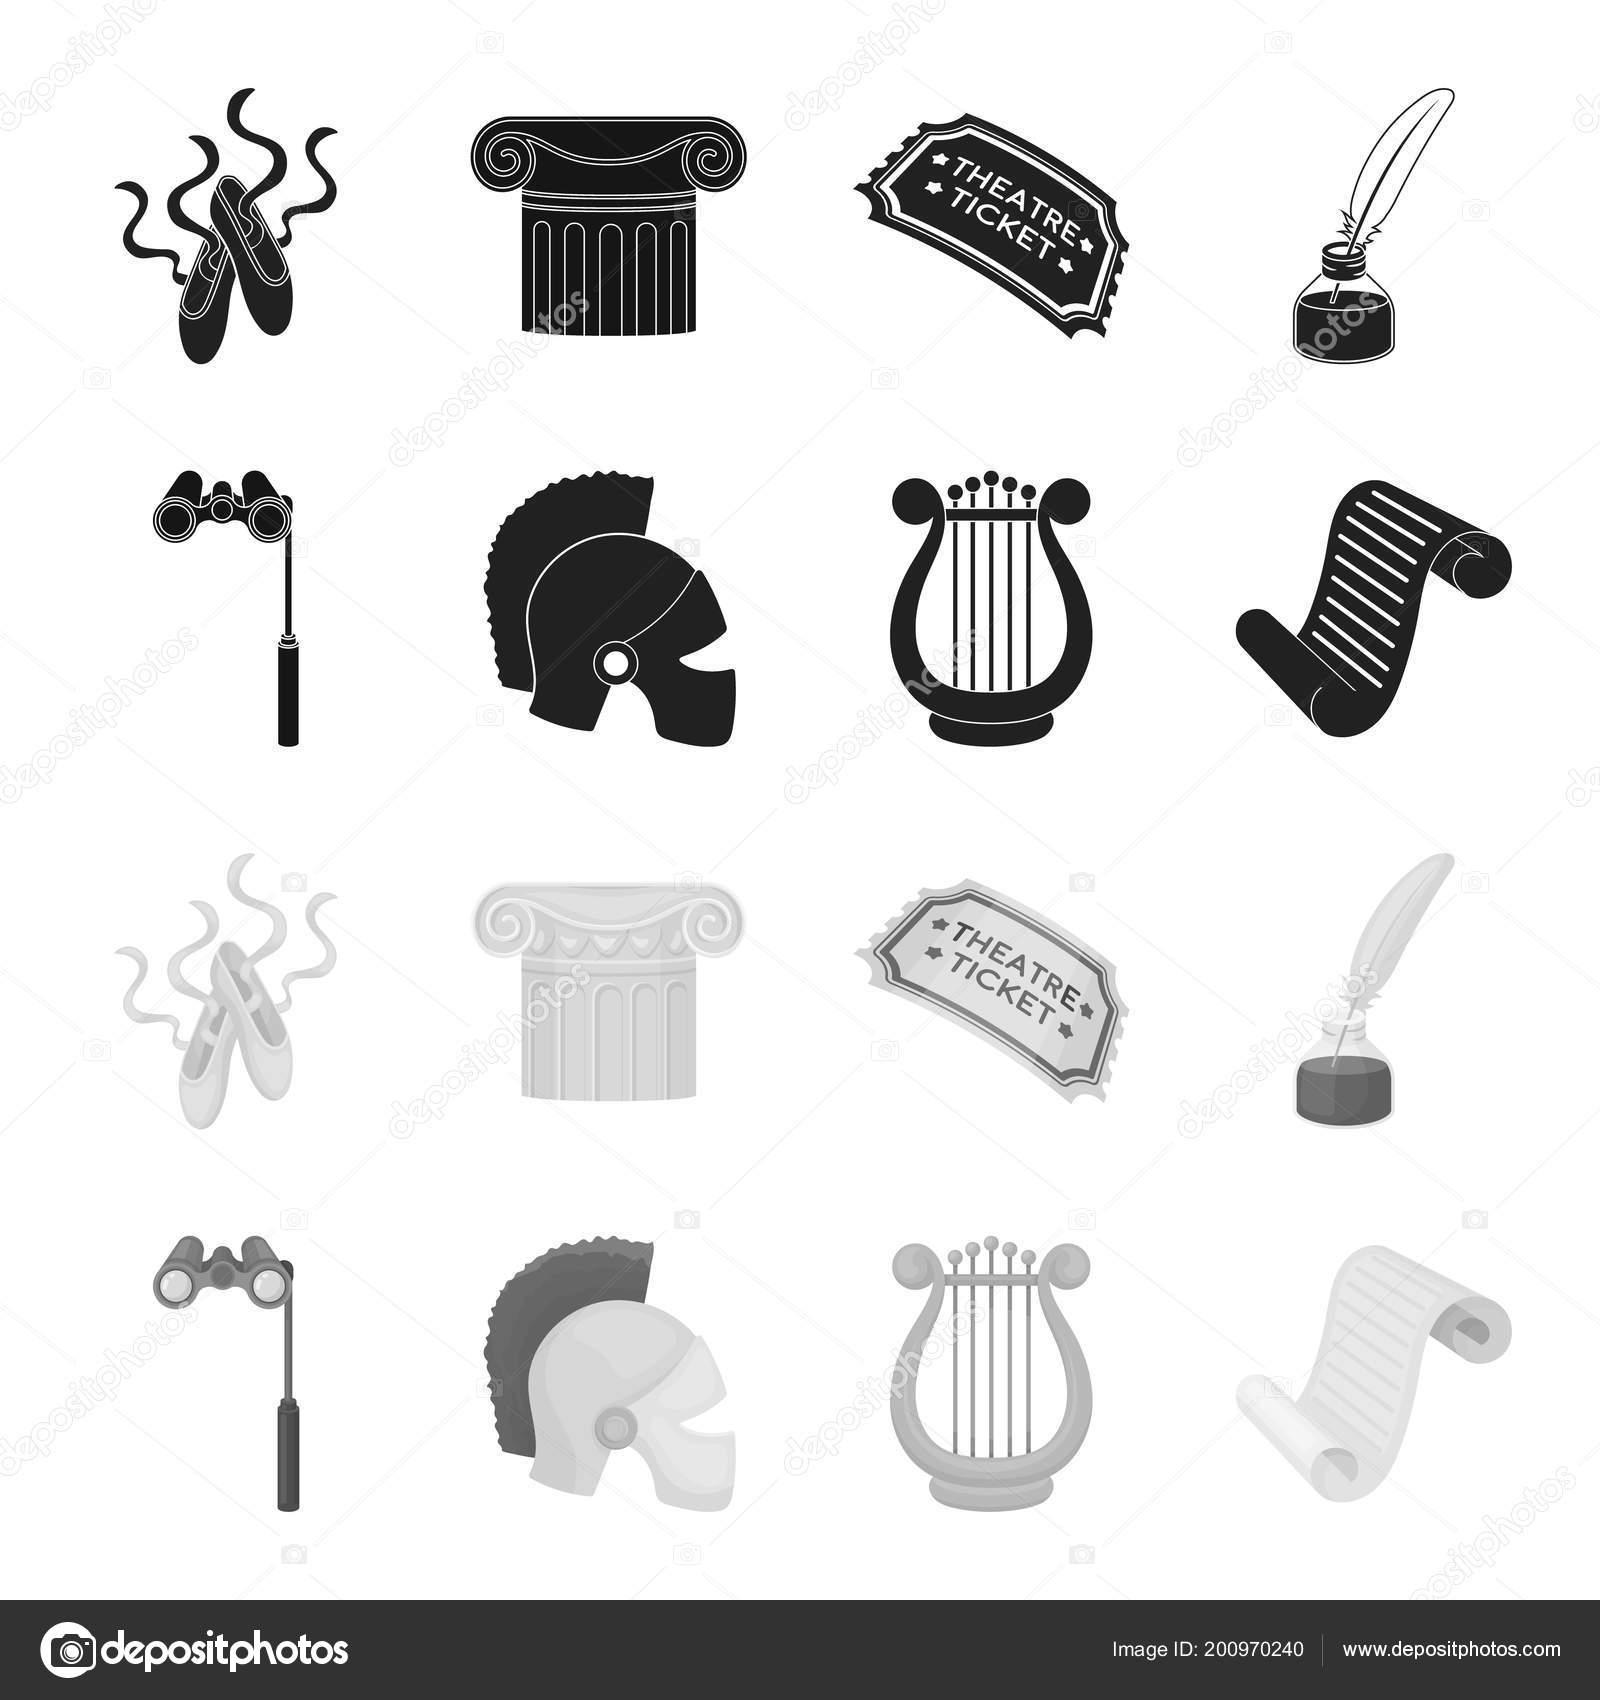 01adc3e1309e Színházi látcső, sisak, a hárfa és egy papír tekercset. A színház készlet  gyűjtemény ikonok-ban fekete, fekete-fehér stílus vektor szimbólum stock ...